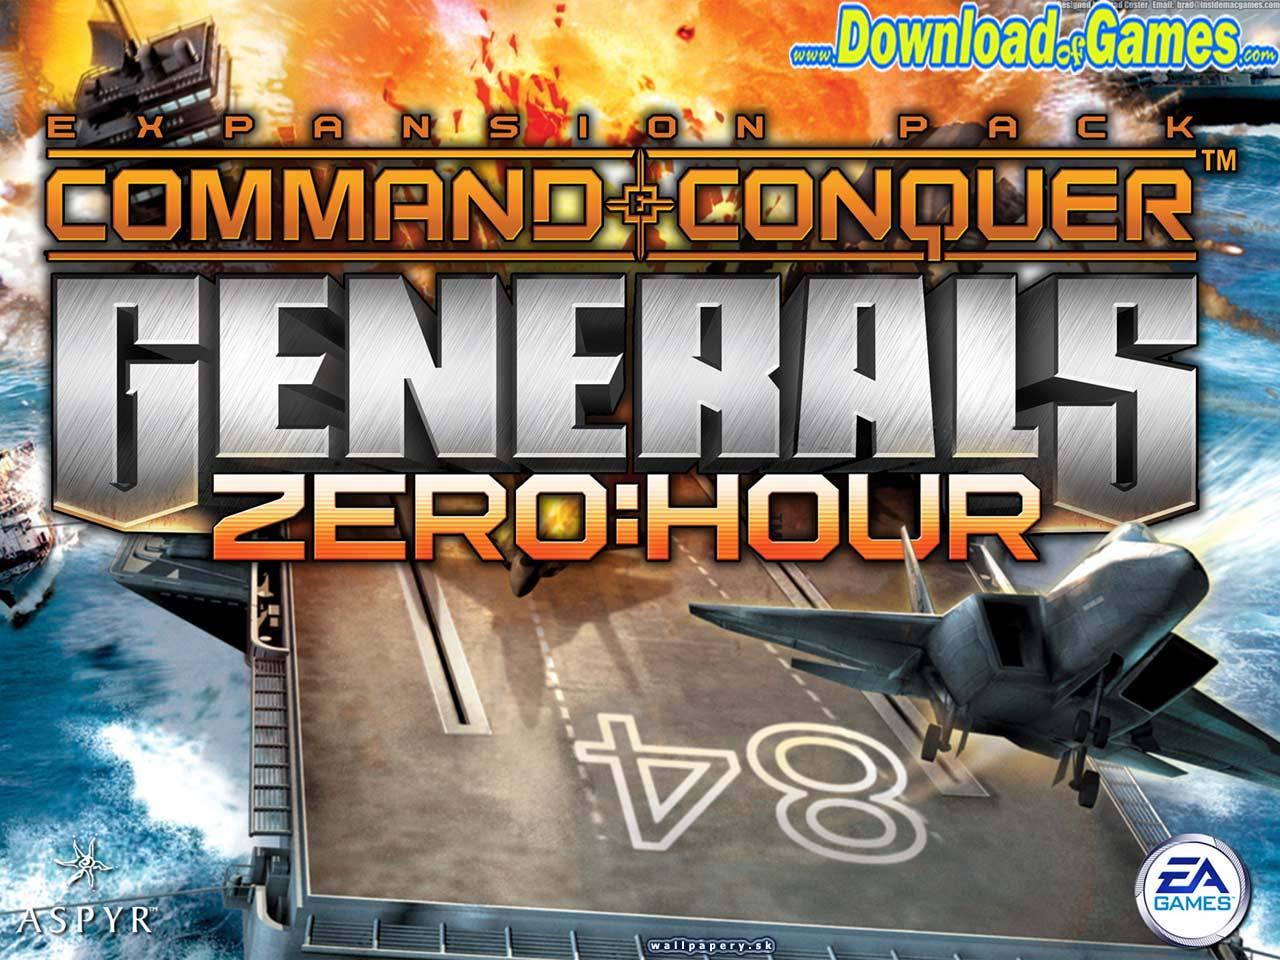 تحميل لعبة Generals Zero Hour مجانا على الكمبيوتر تحميل العاب